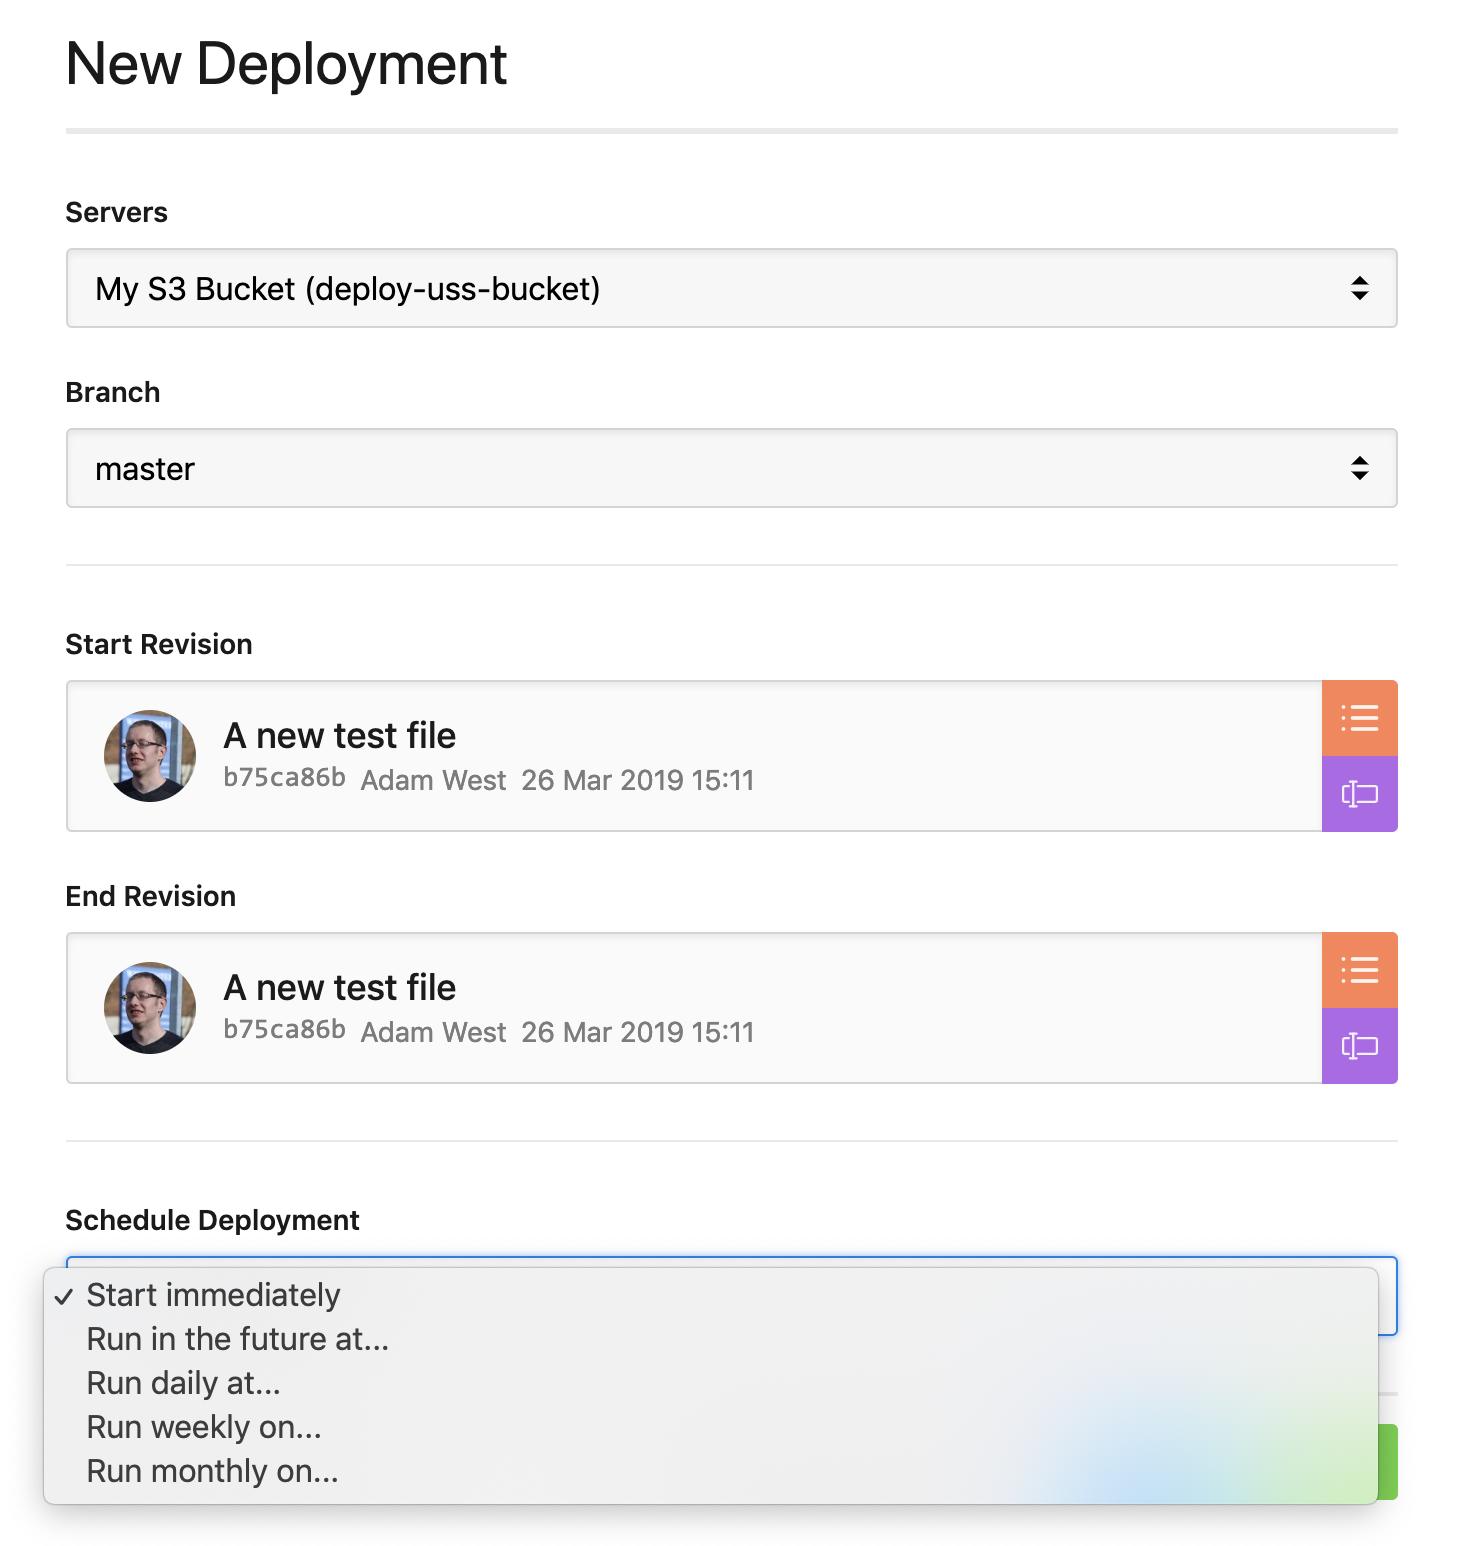 Schedule deployment